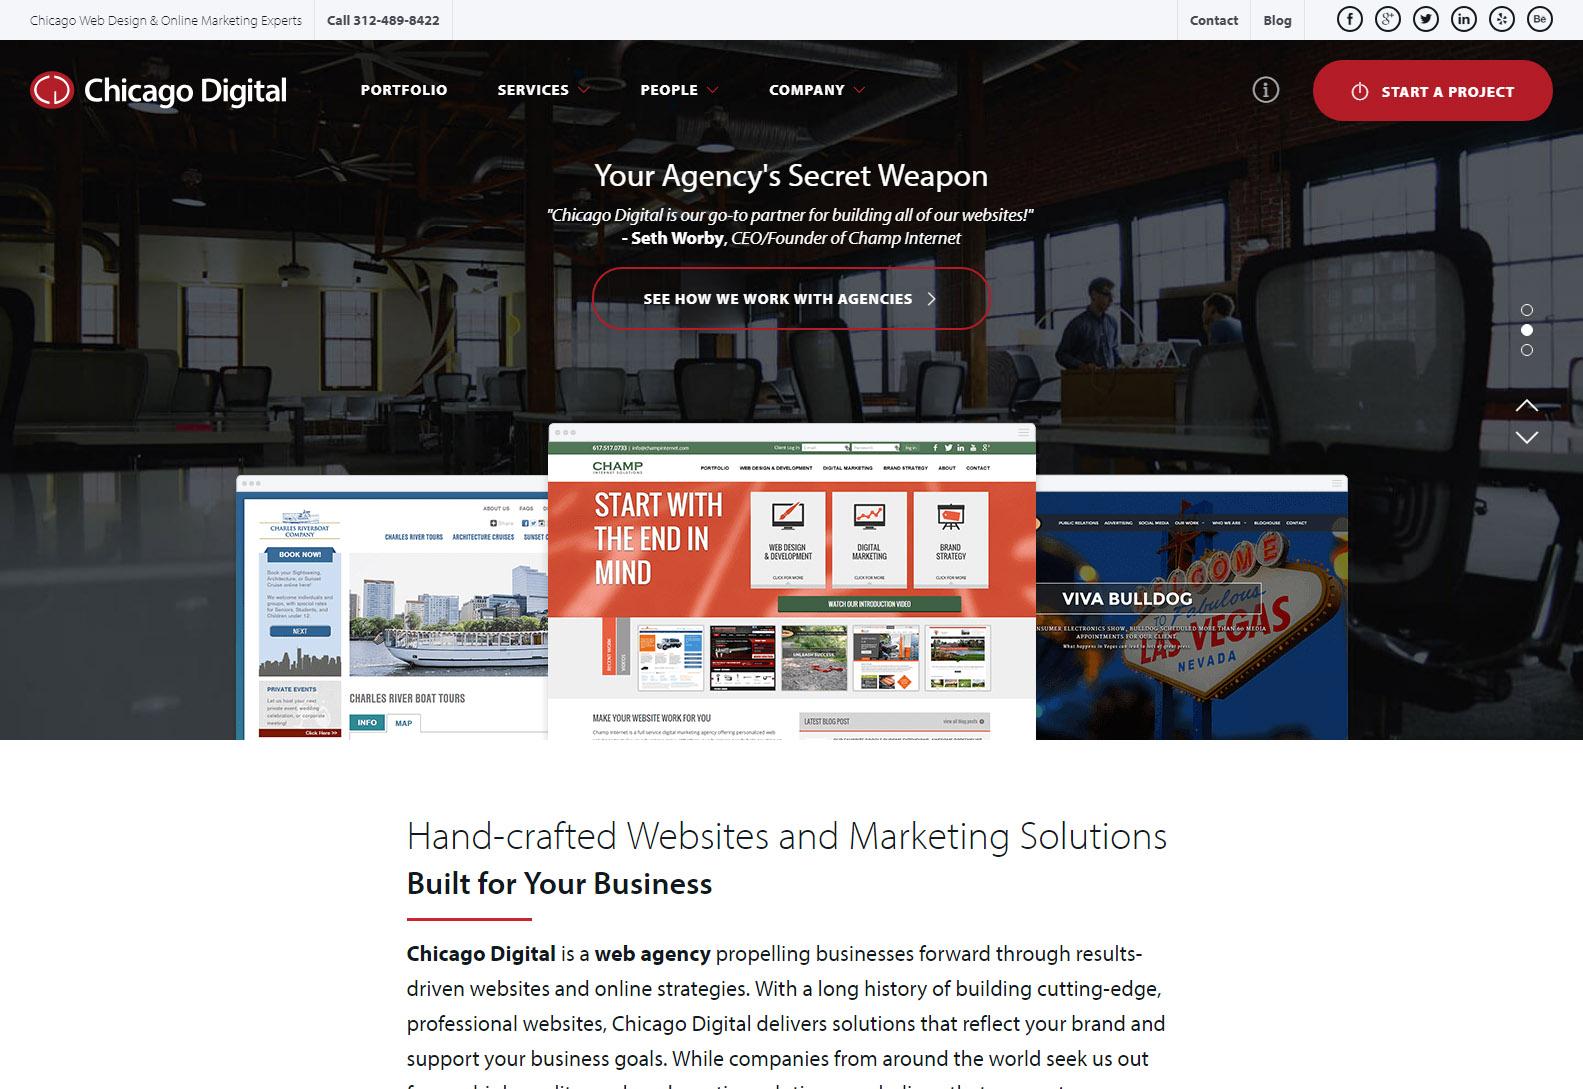 Chicago Digital - Web Agencies in Chicago